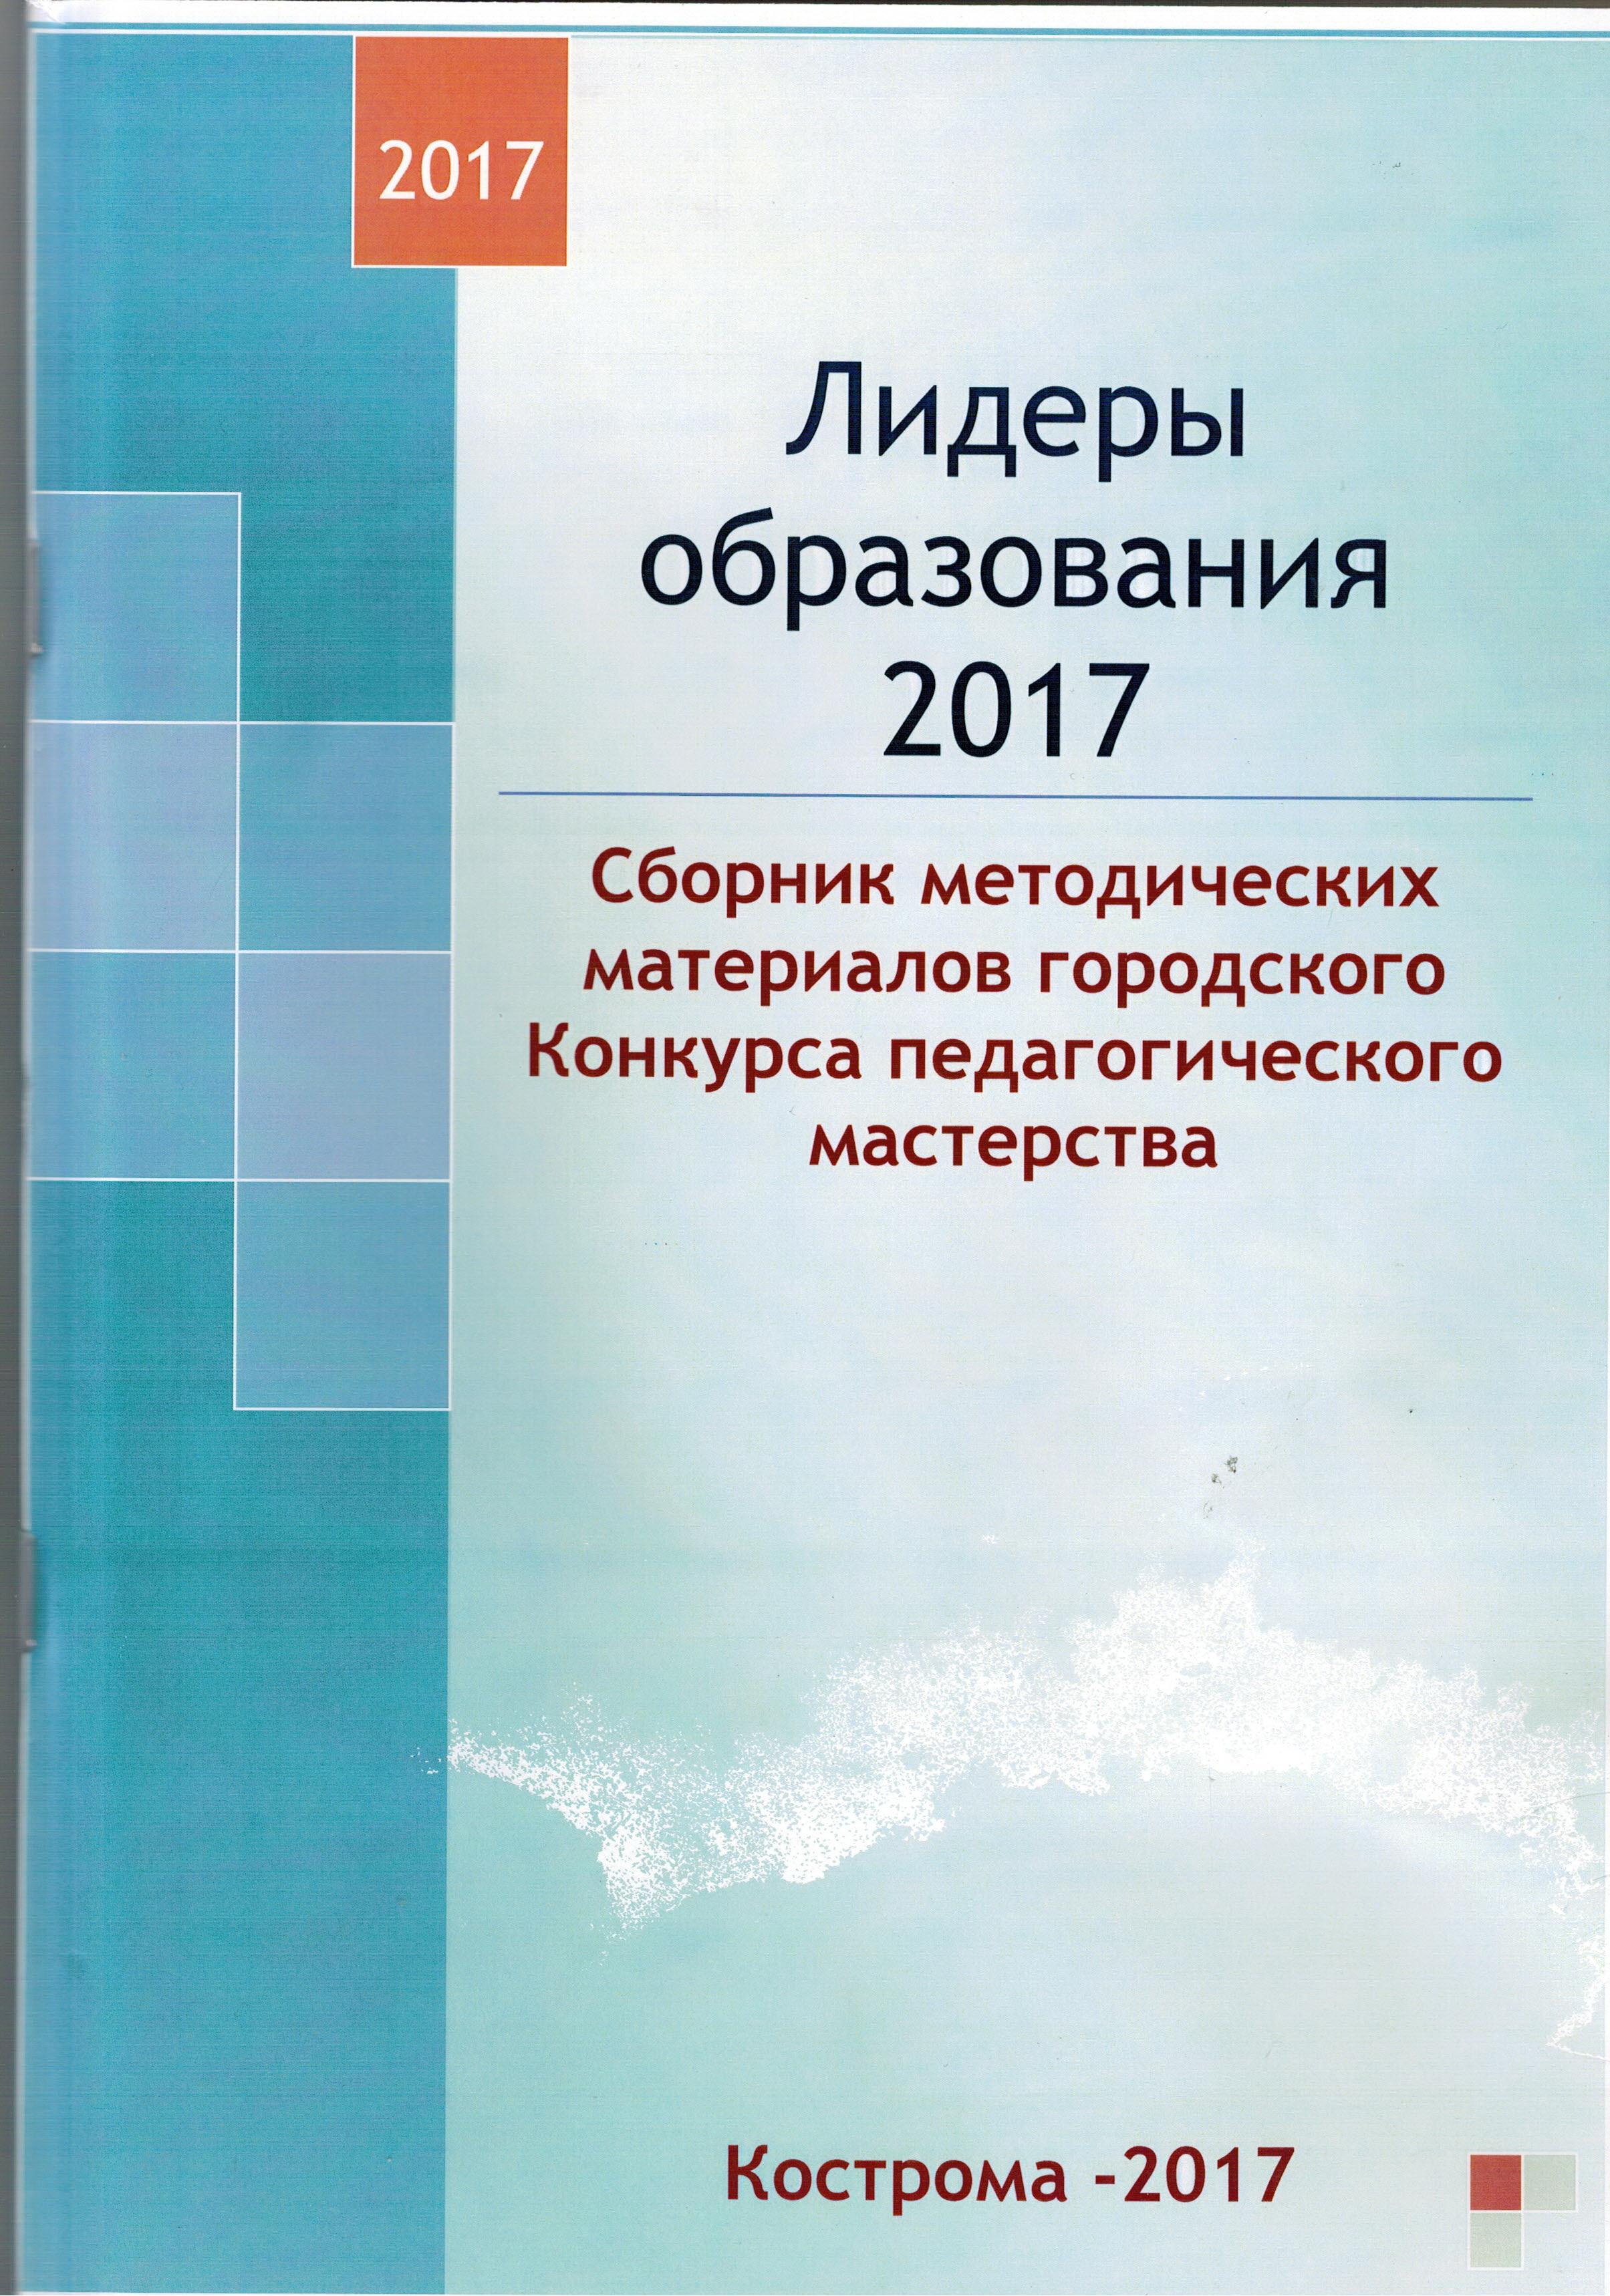 Методические рекомендации, предъявляемые к оформлению методической разработки. воспитателям детских садов, школьным учителям и педагогам - маам.ру